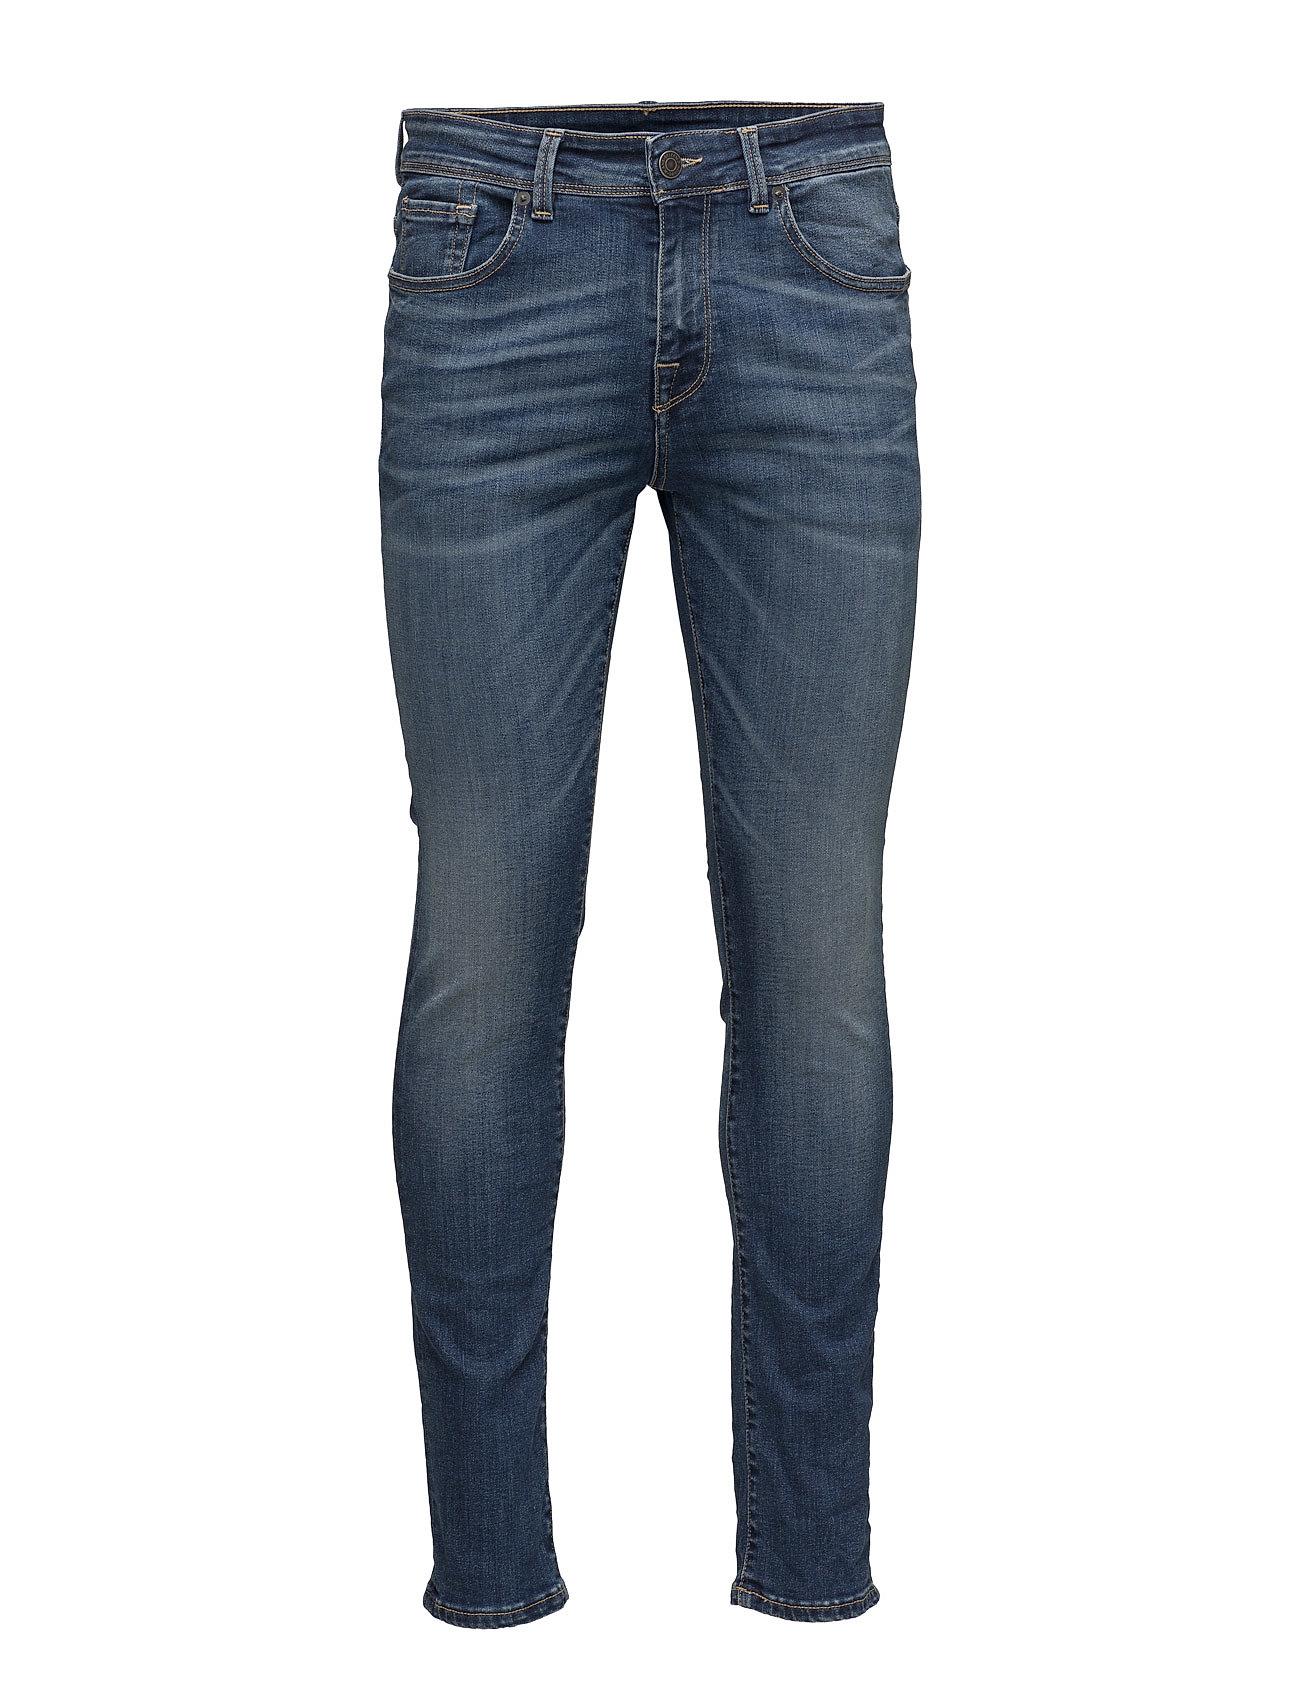 Selected Homme SHNSLIM LEON 1435 D. blå ST JEANS NOOS Jeans